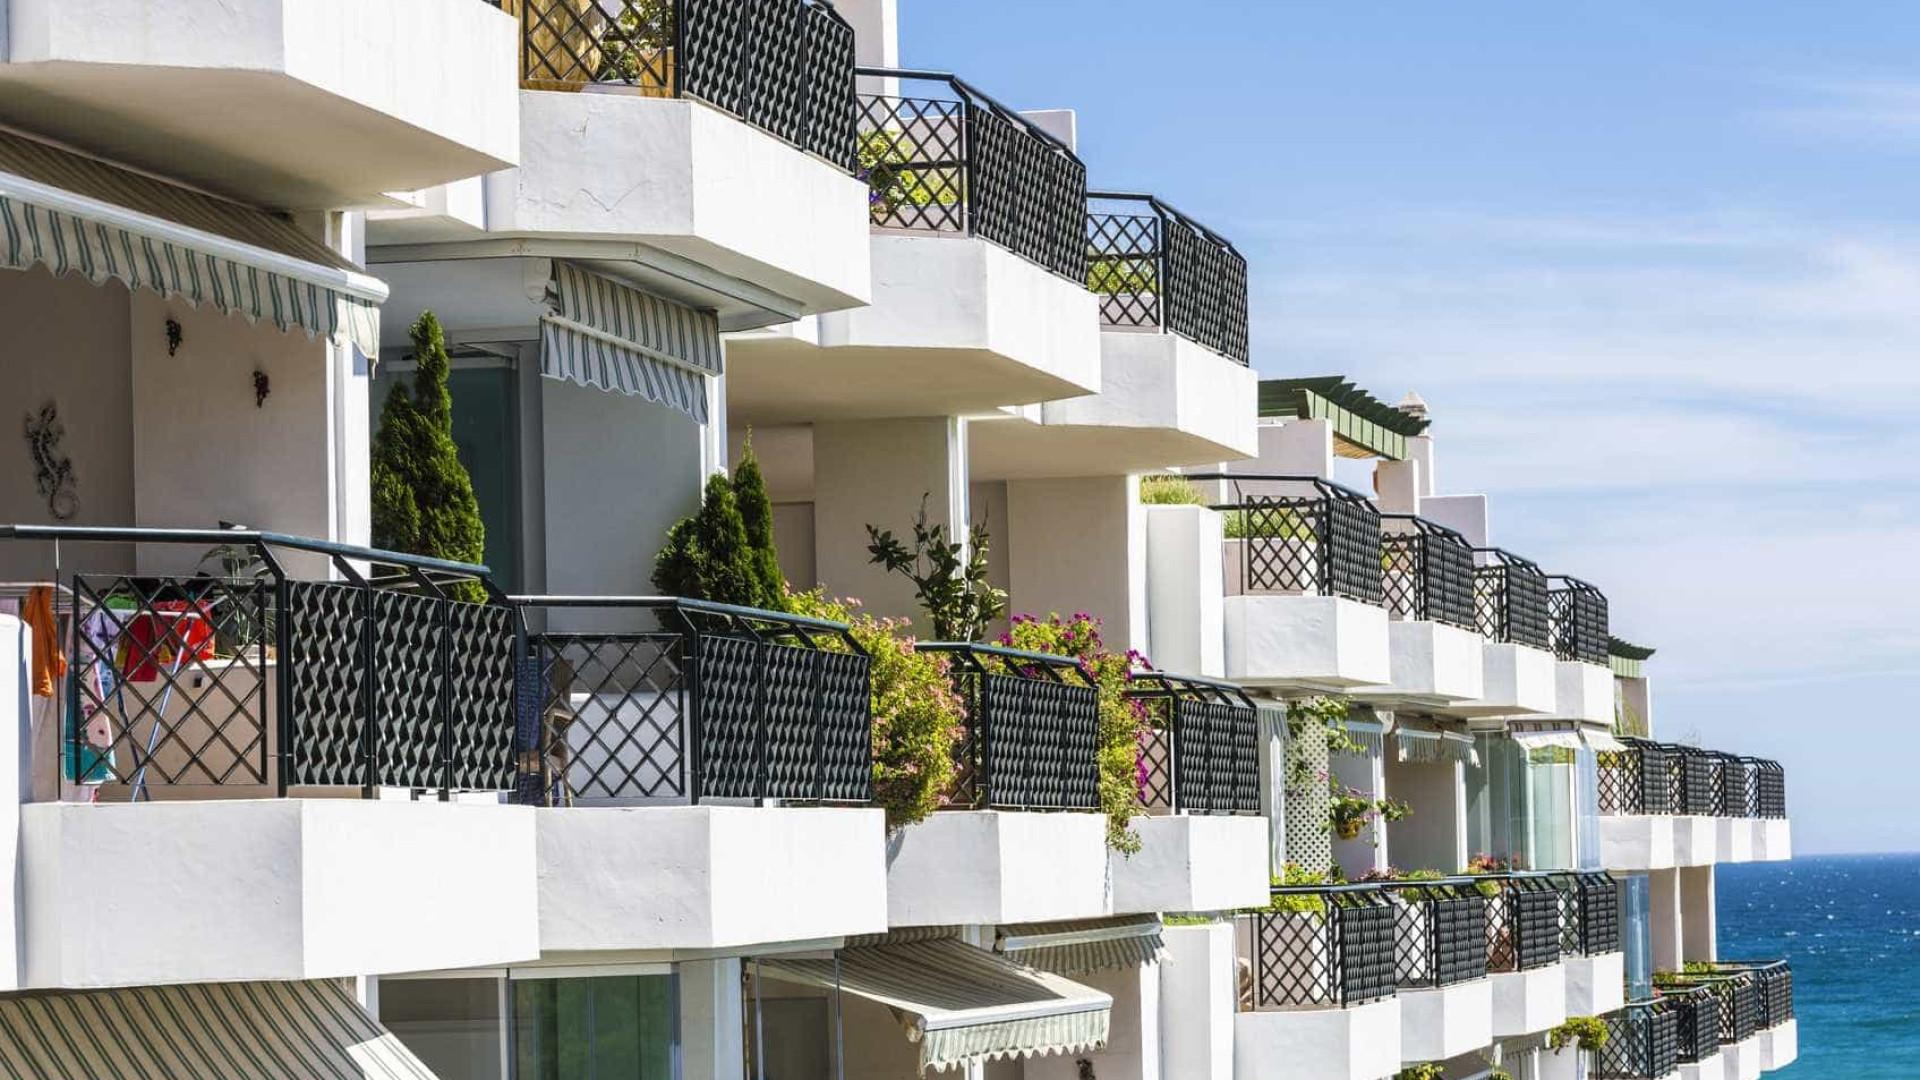 Associação do Alojamento Local contesta proposta do PS sobre condomínios